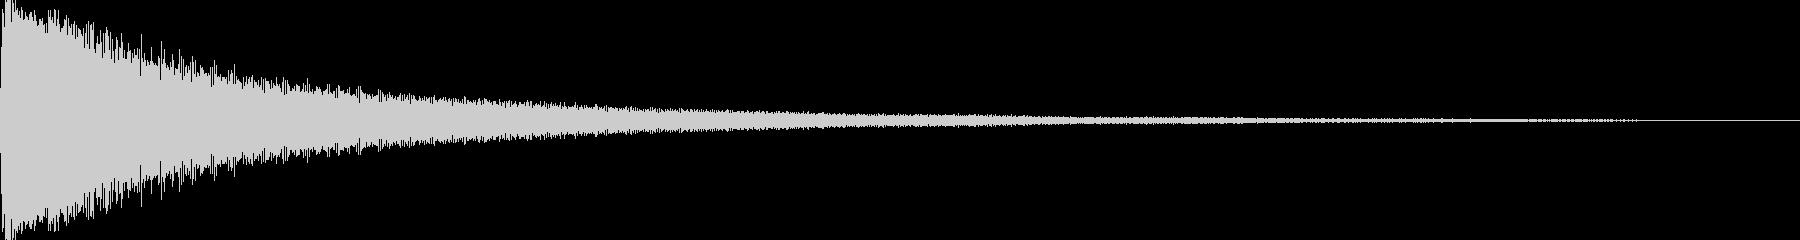 試合開始のゴングの未再生の波形